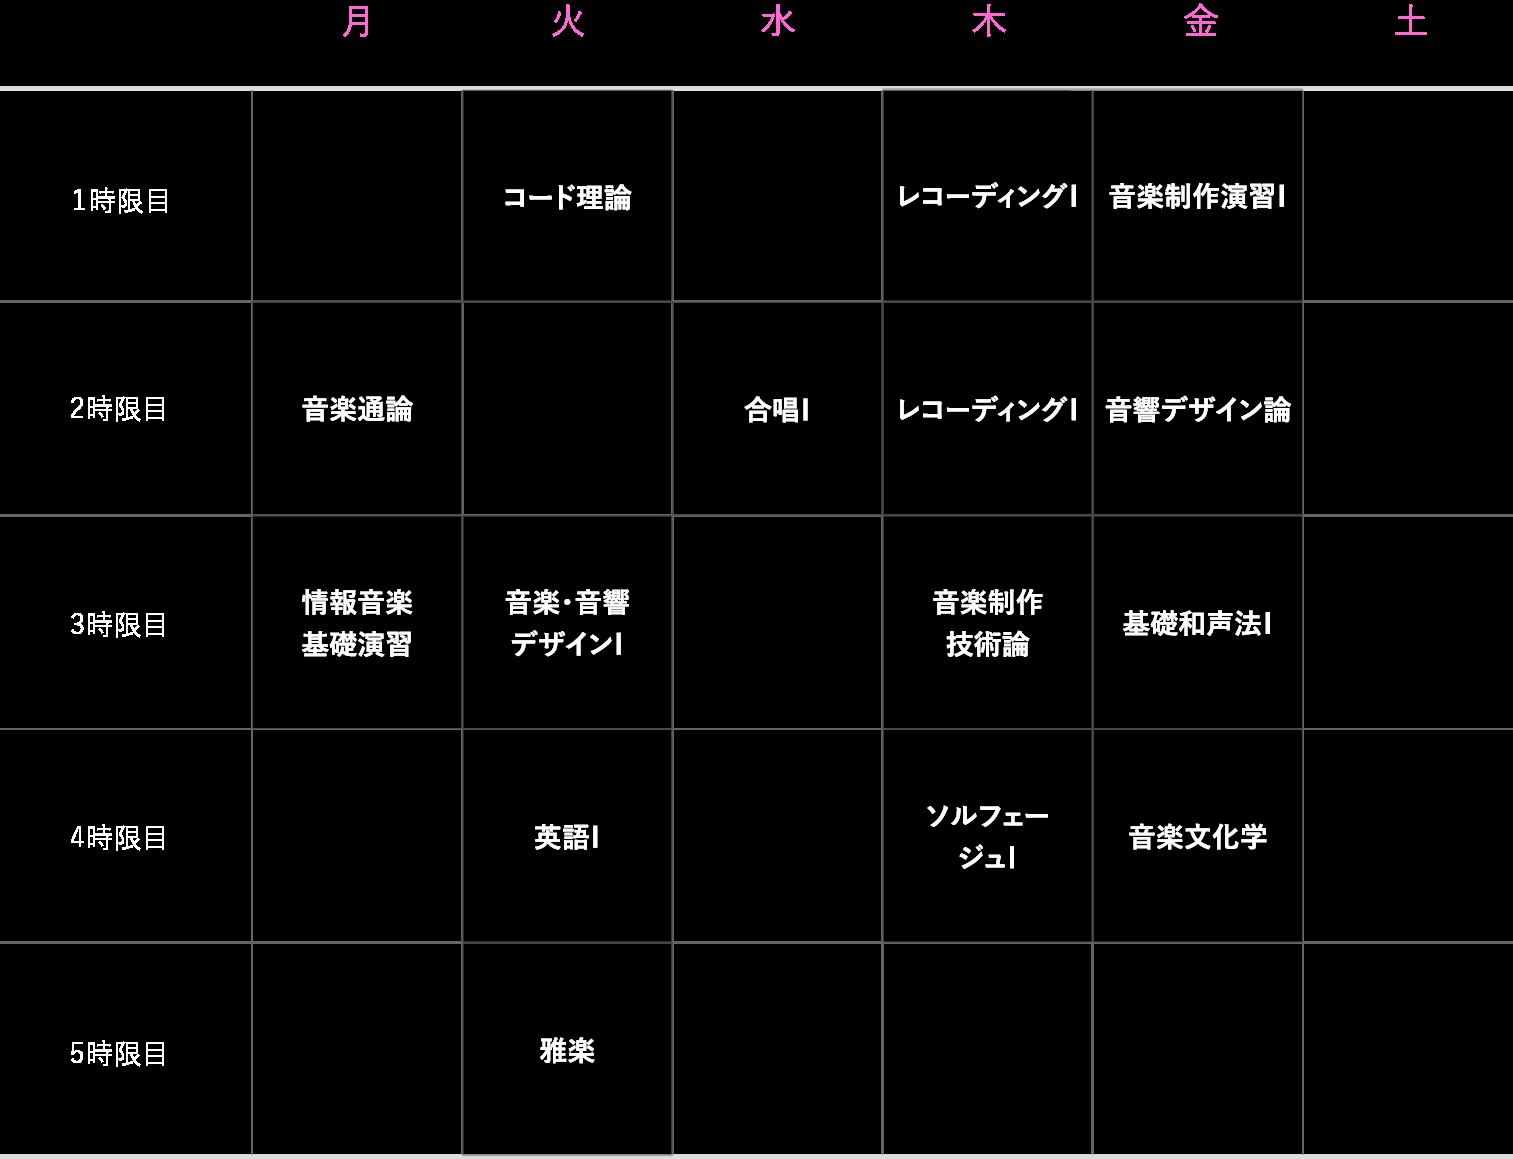 音楽・音響デザインコース1年生の時間割例(前期)